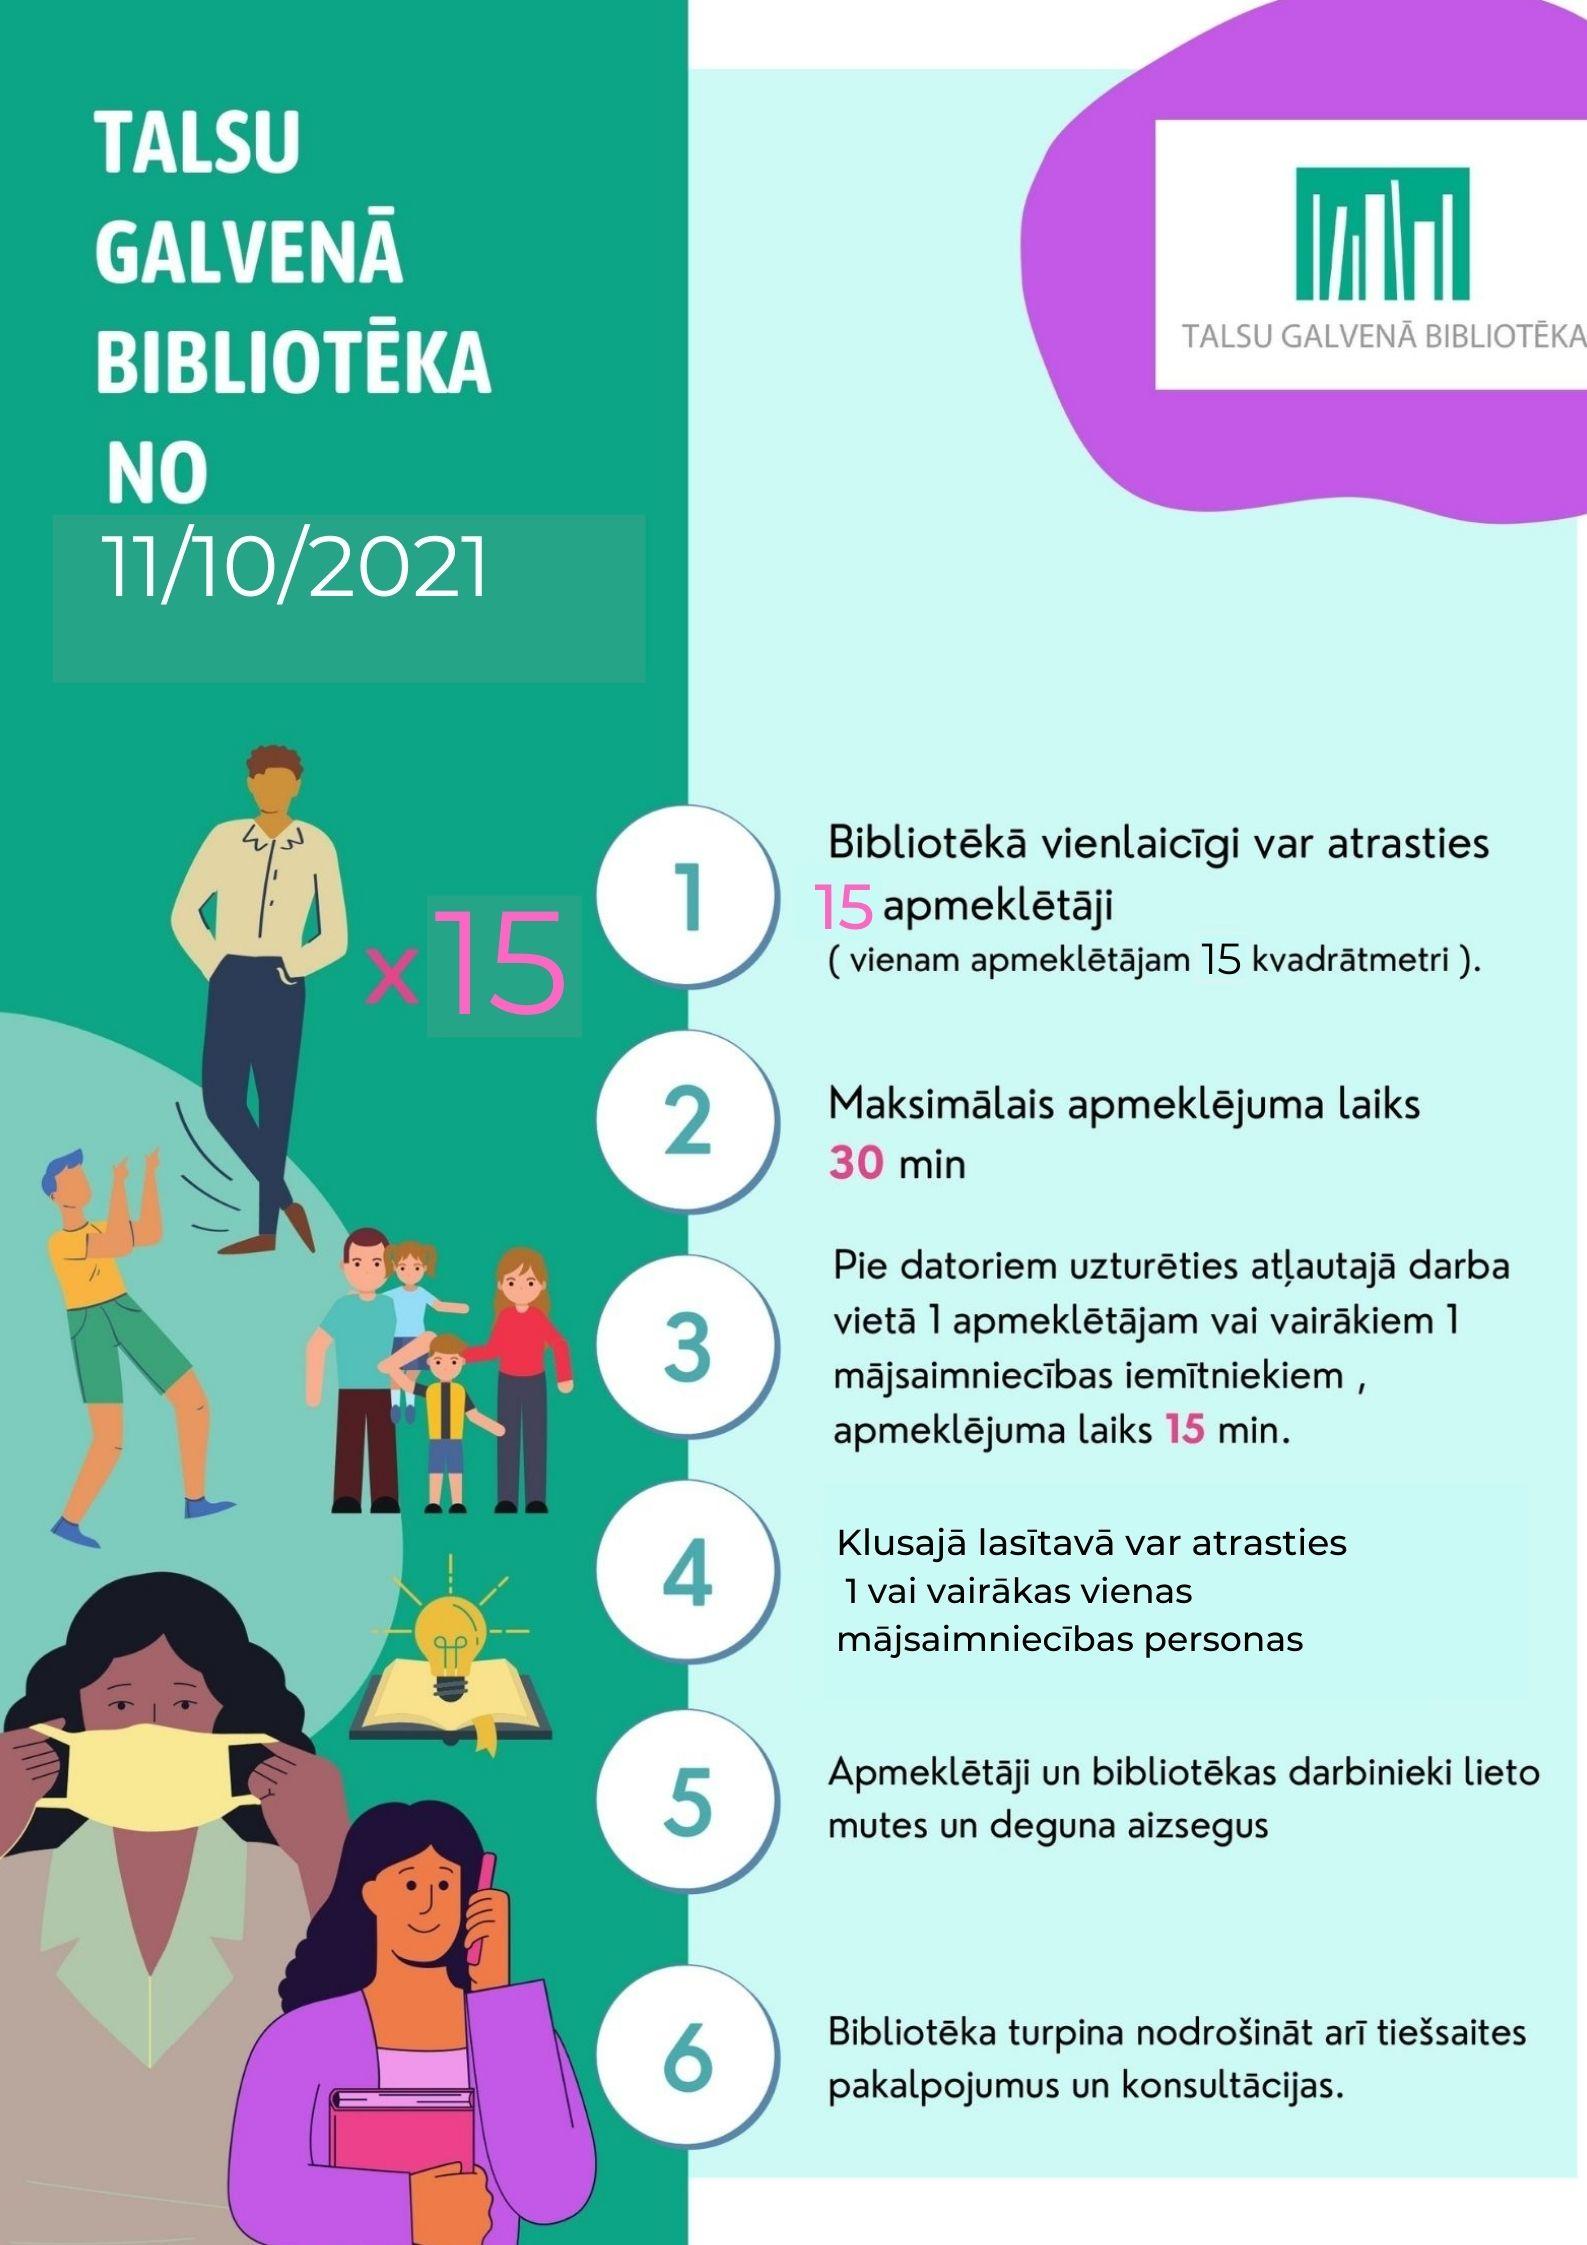 Talsu Galvenās bibliotēkas apmeklēšanas noteikumi no 11. oktobra